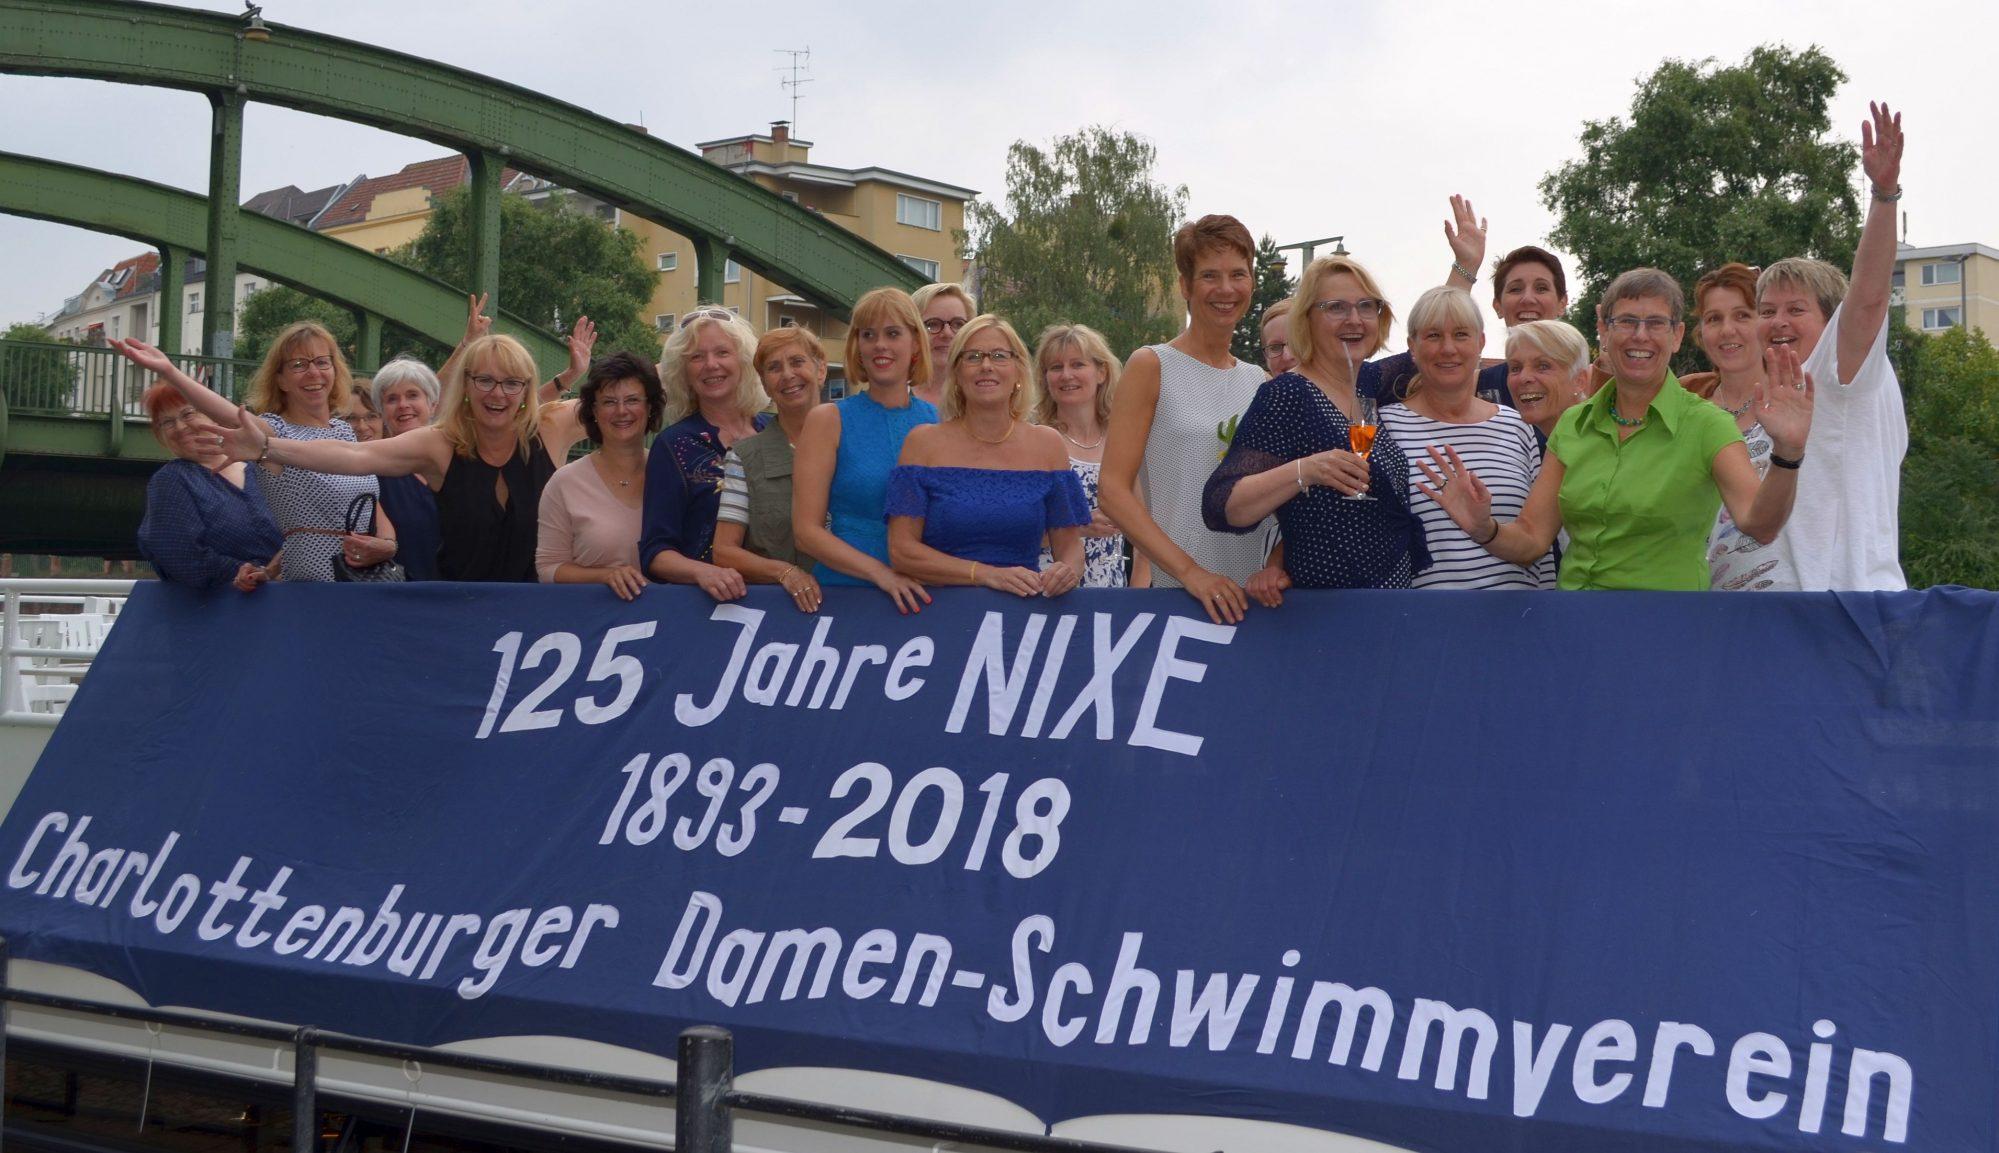 Charlottenburger Damen-Schwimmverein Nixe e.V. seit 1893